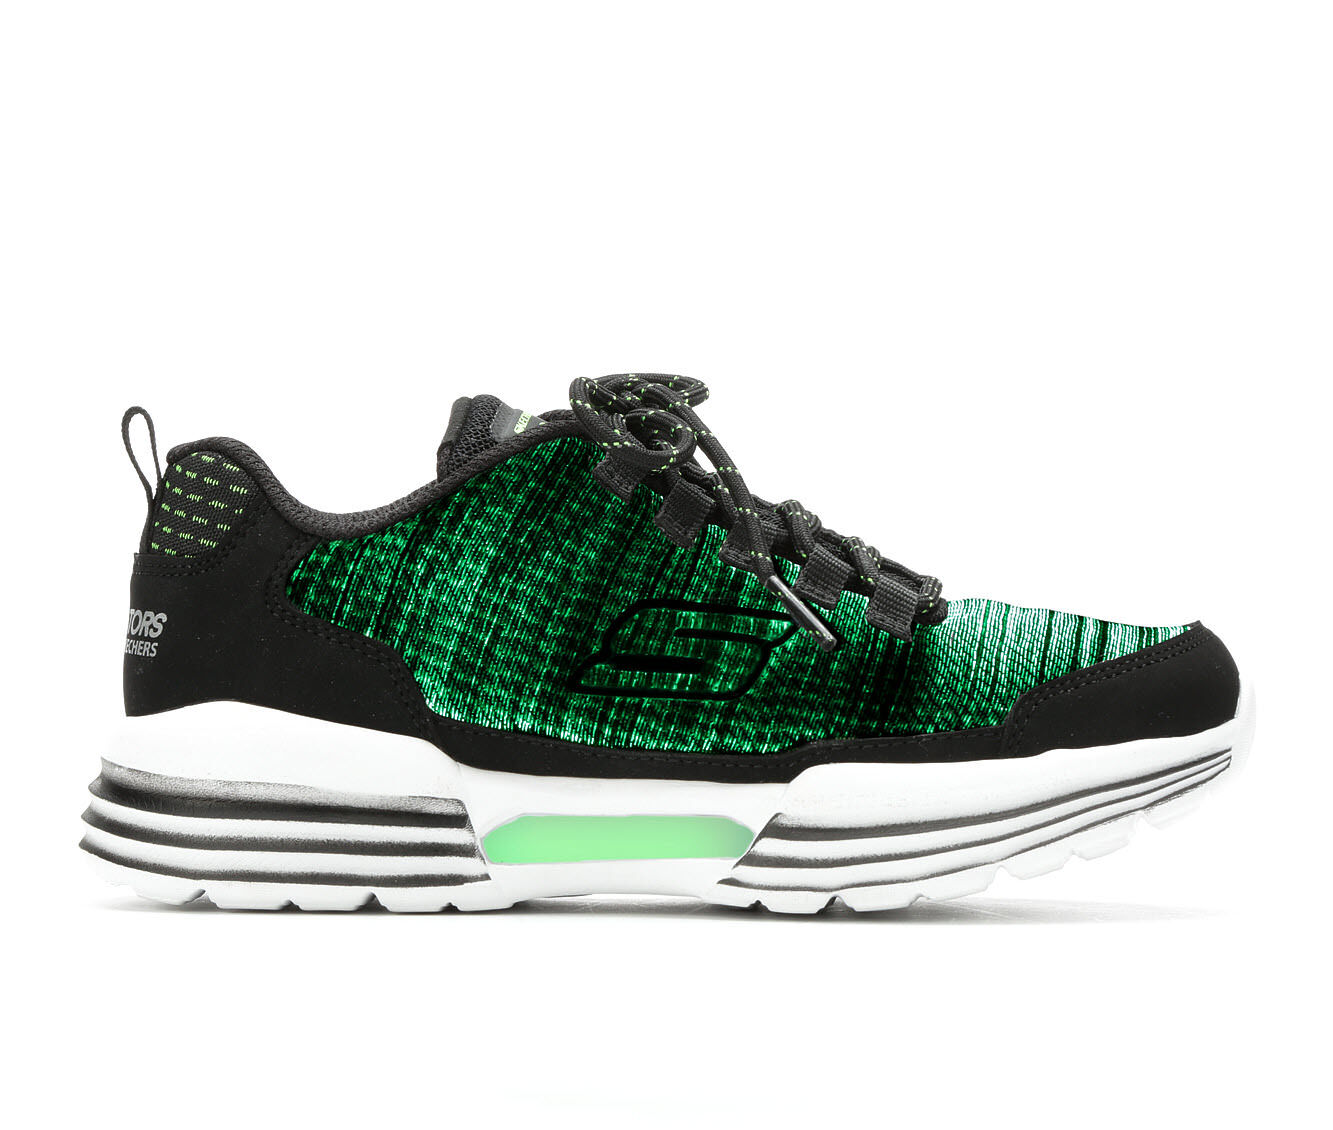 Skechers Kids S Lights luminators Sneaker